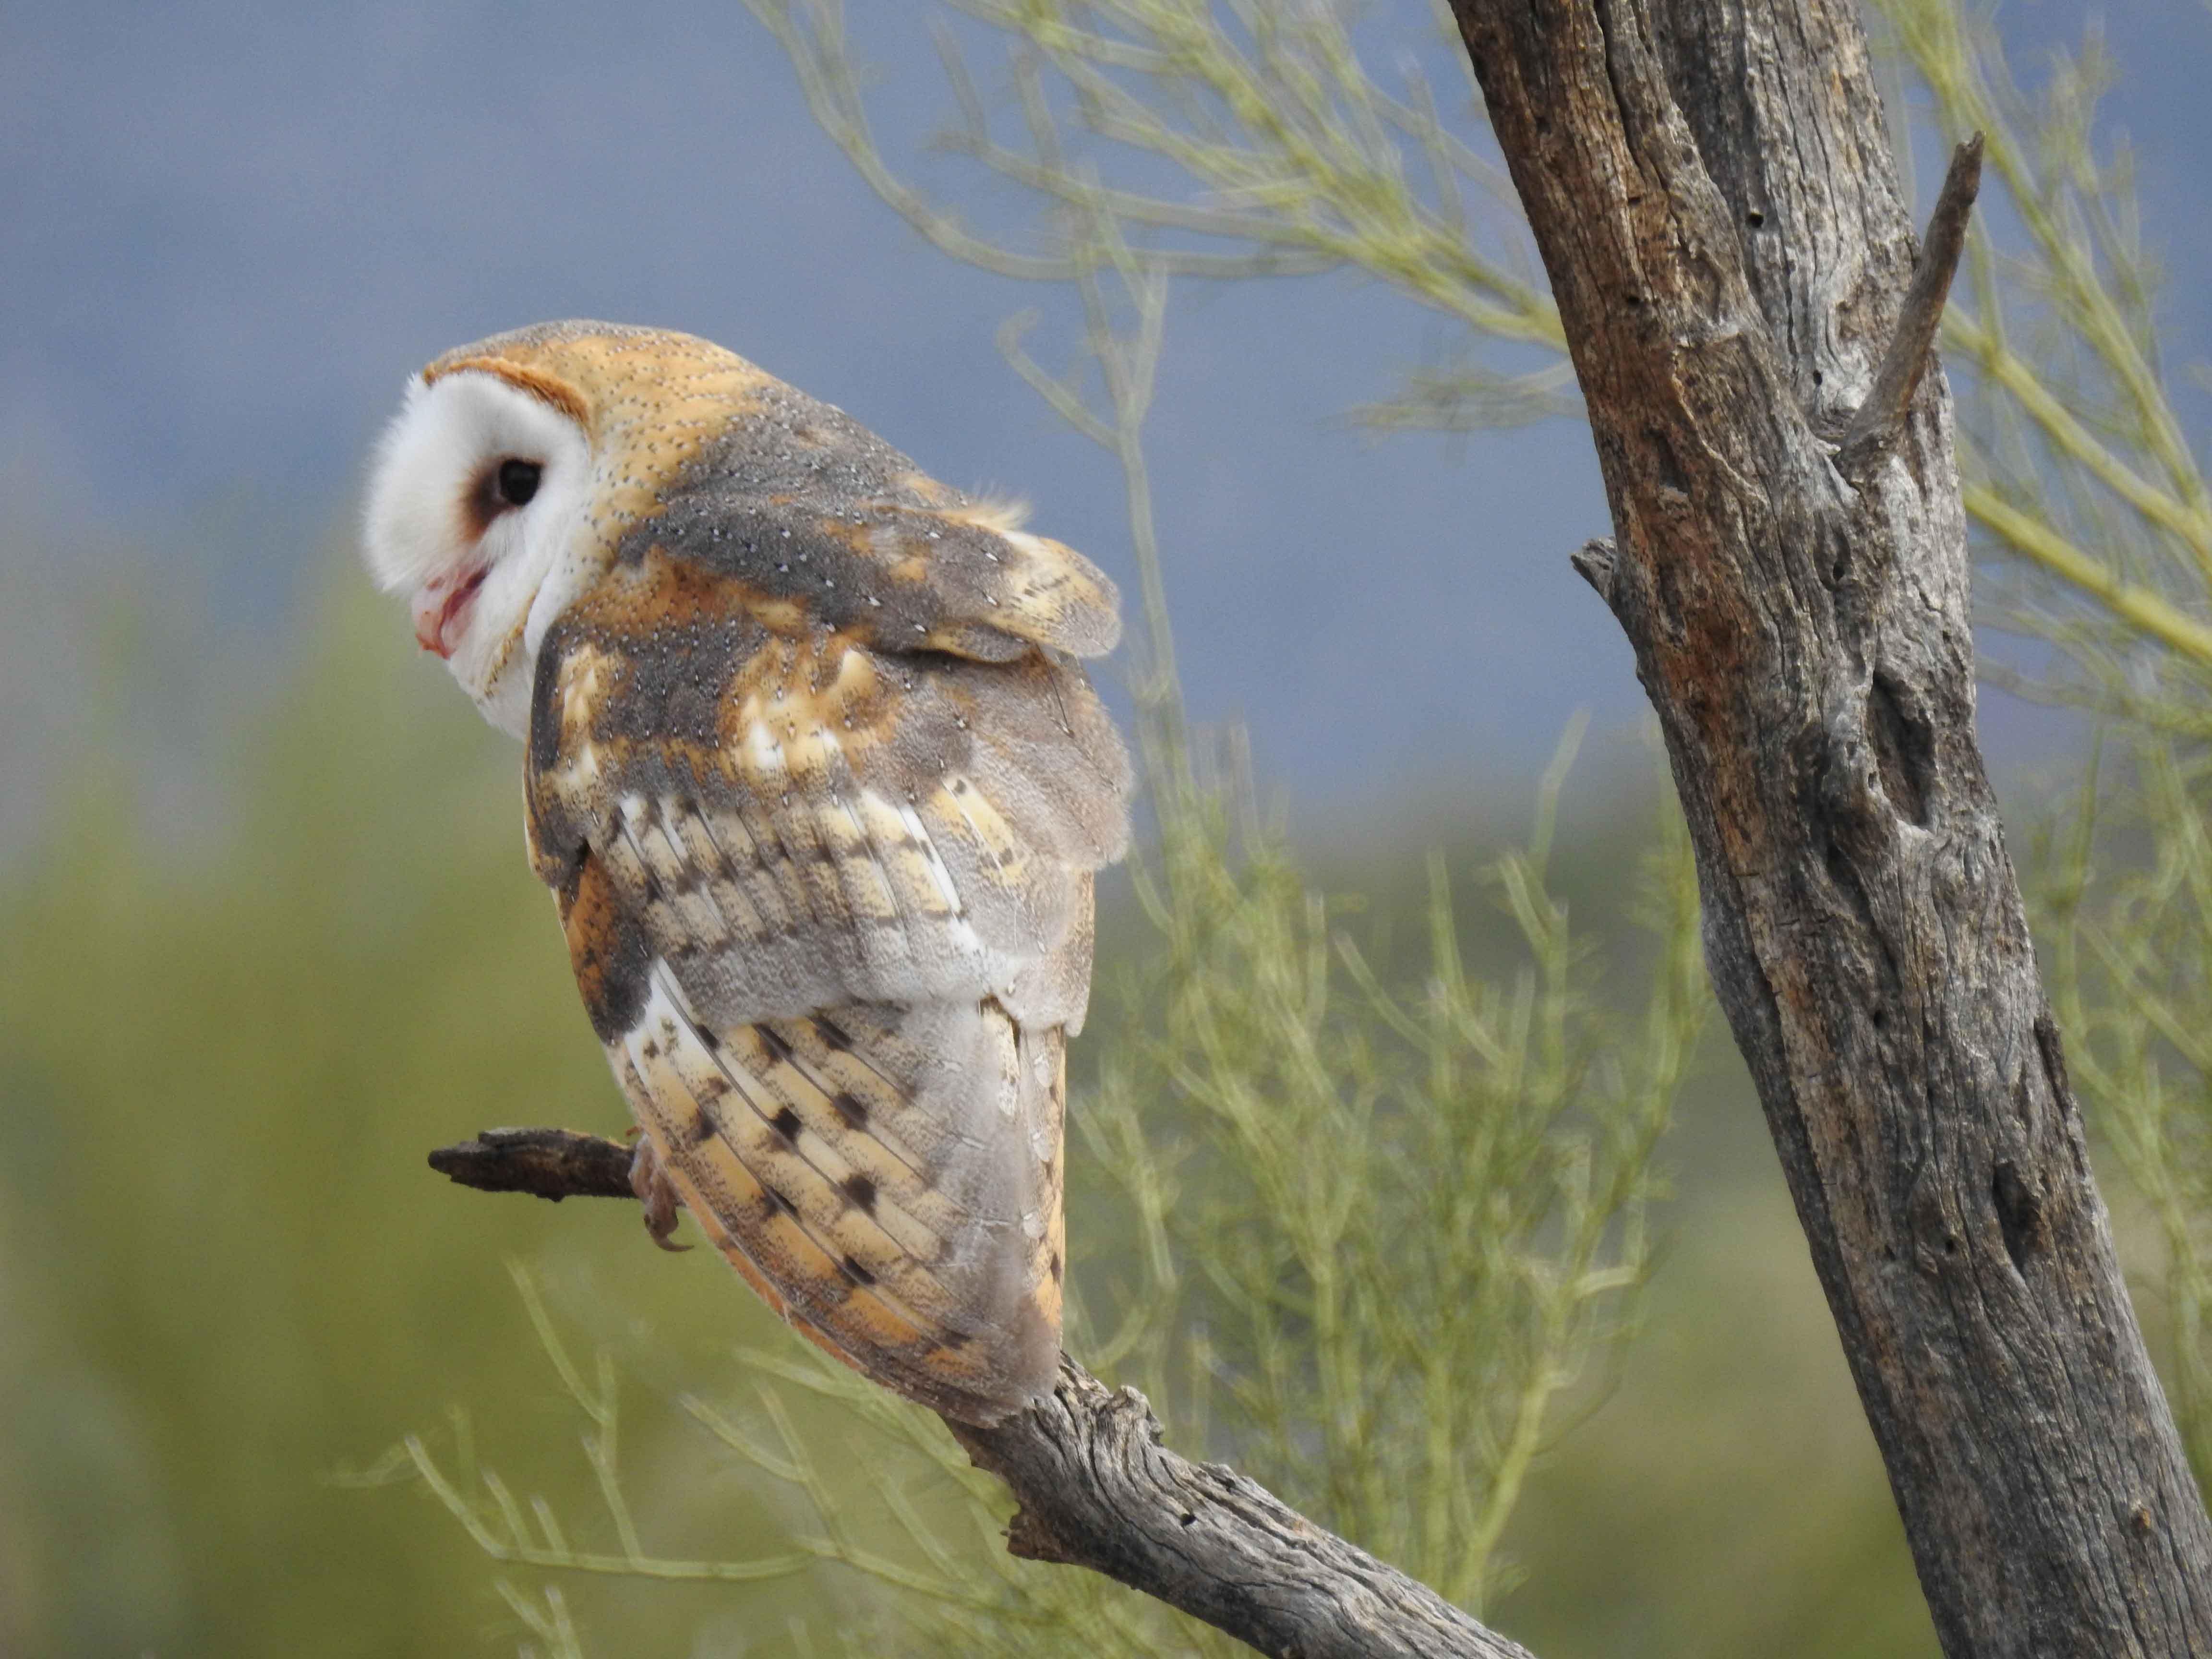 Barn owl sitting on a branch